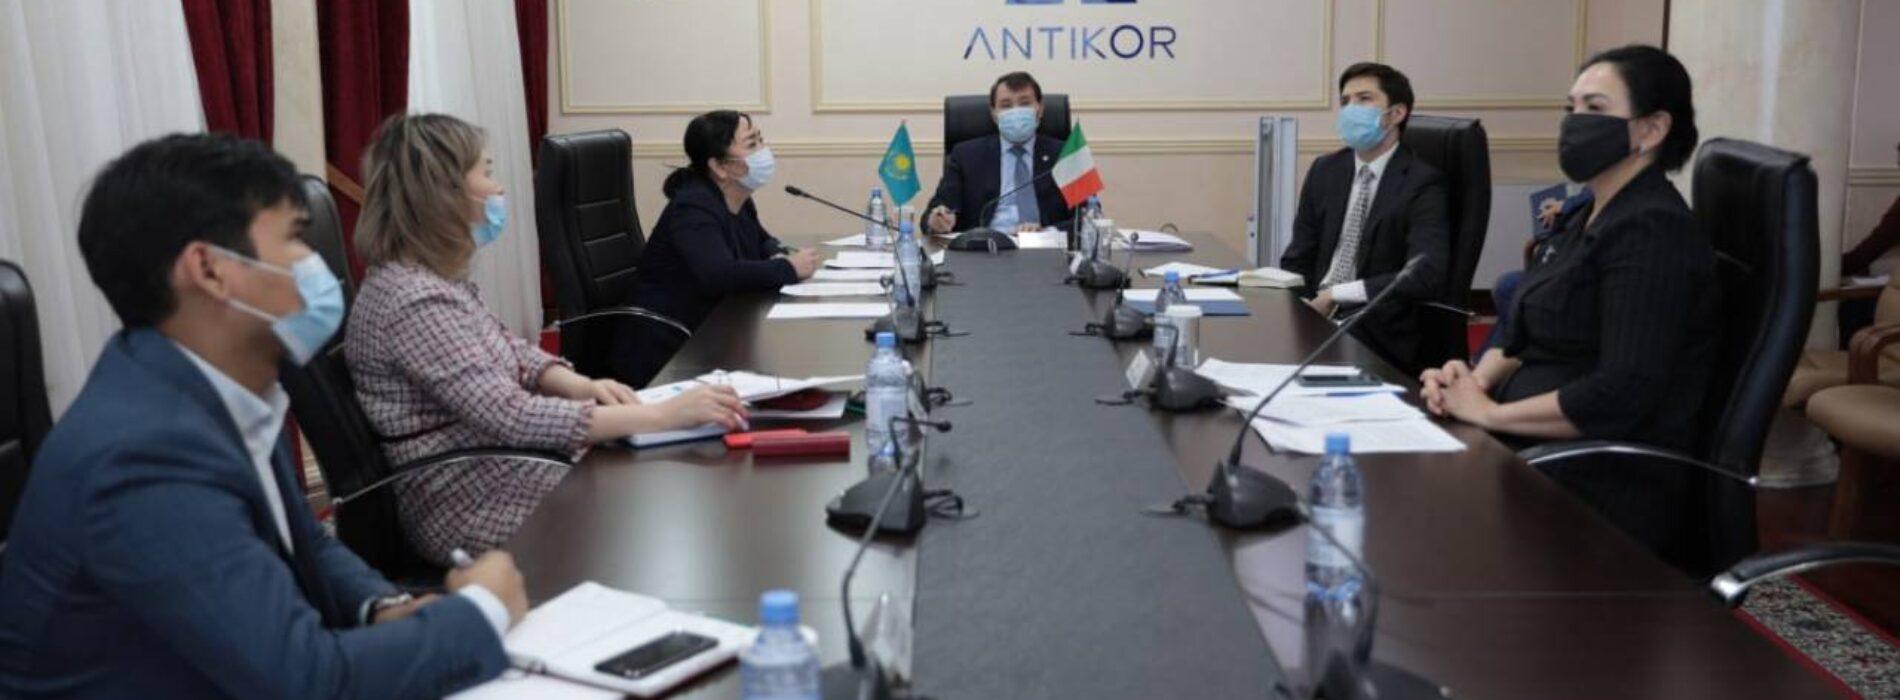 Антикоррупционные ведомства Казахстана и Италии обменялись идеями по своей деятельности